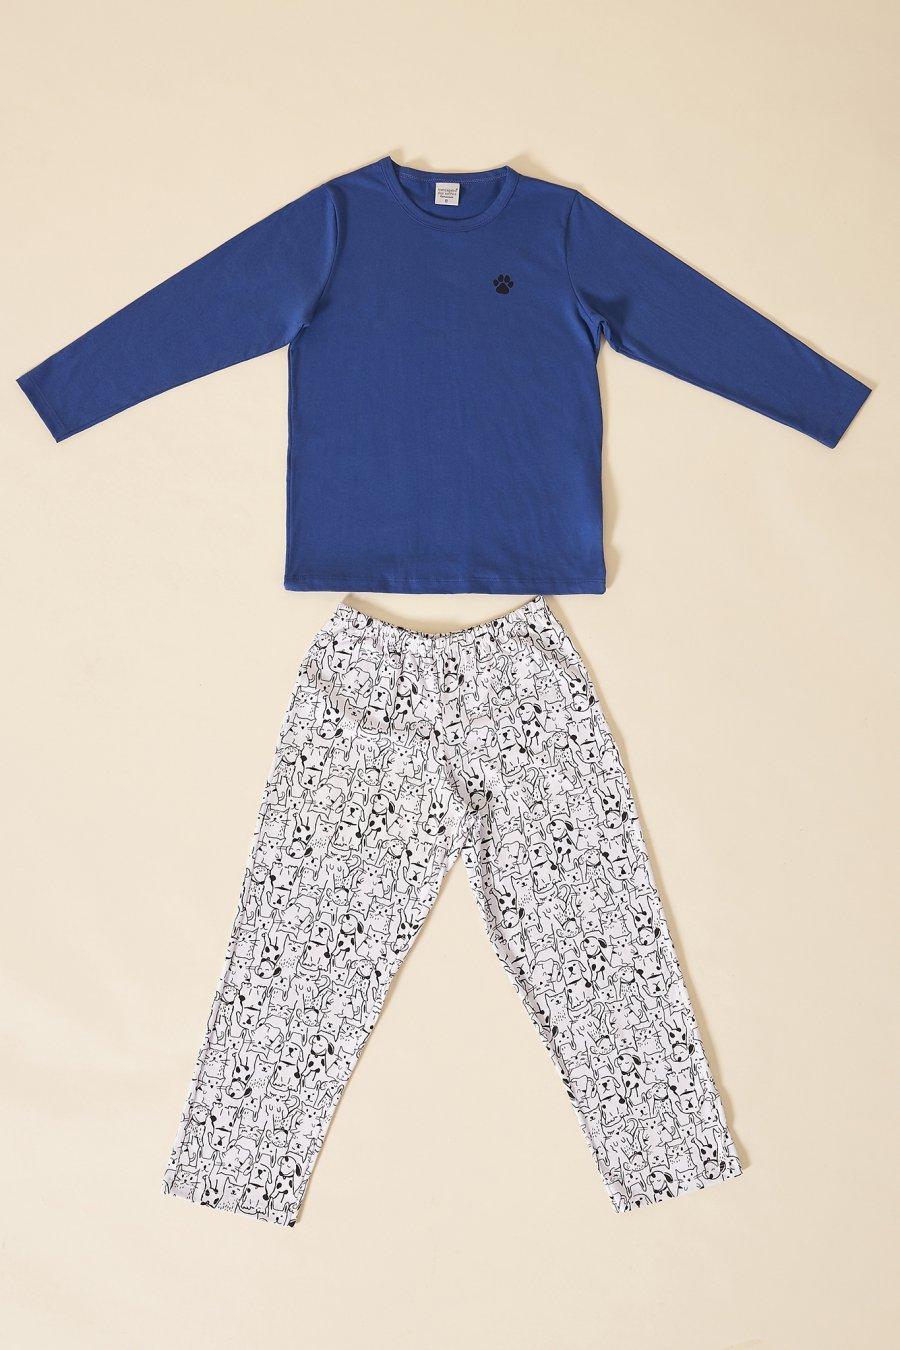 LANÇAMENTO Pijama Infantil 1/2 Malha Rock Mensageira da Paz Inverno 21